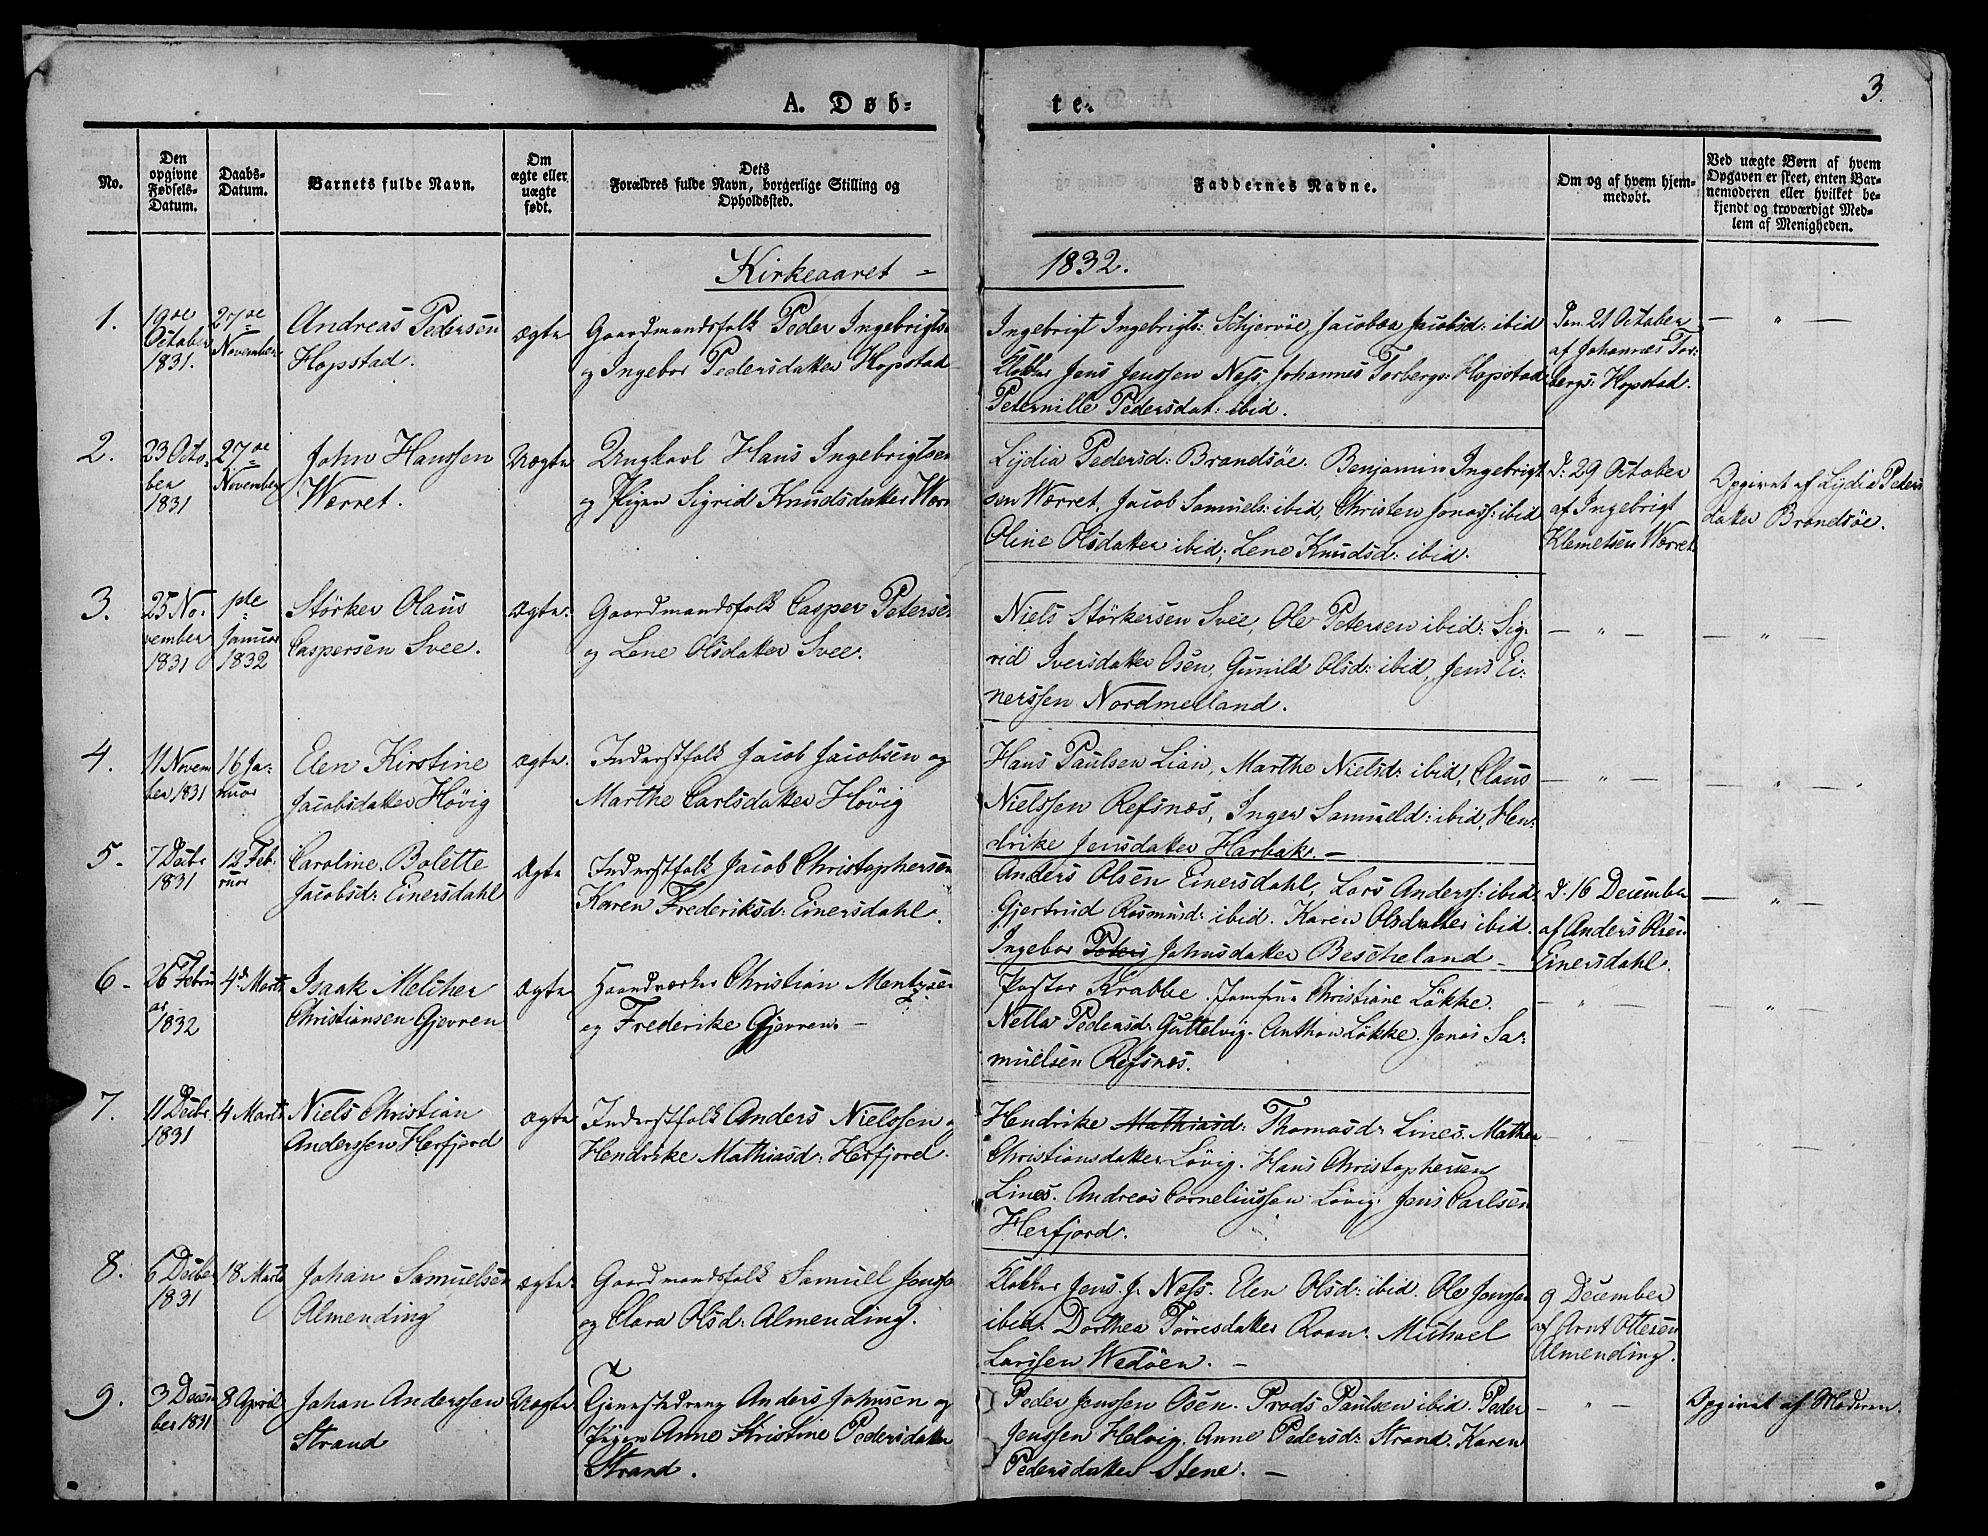 SAT, Ministerialprotokoller, klokkerbøker og fødselsregistre - Sør-Trøndelag, 657/L0703: Ministerialbok nr. 657A04, 1831-1846, s. 3